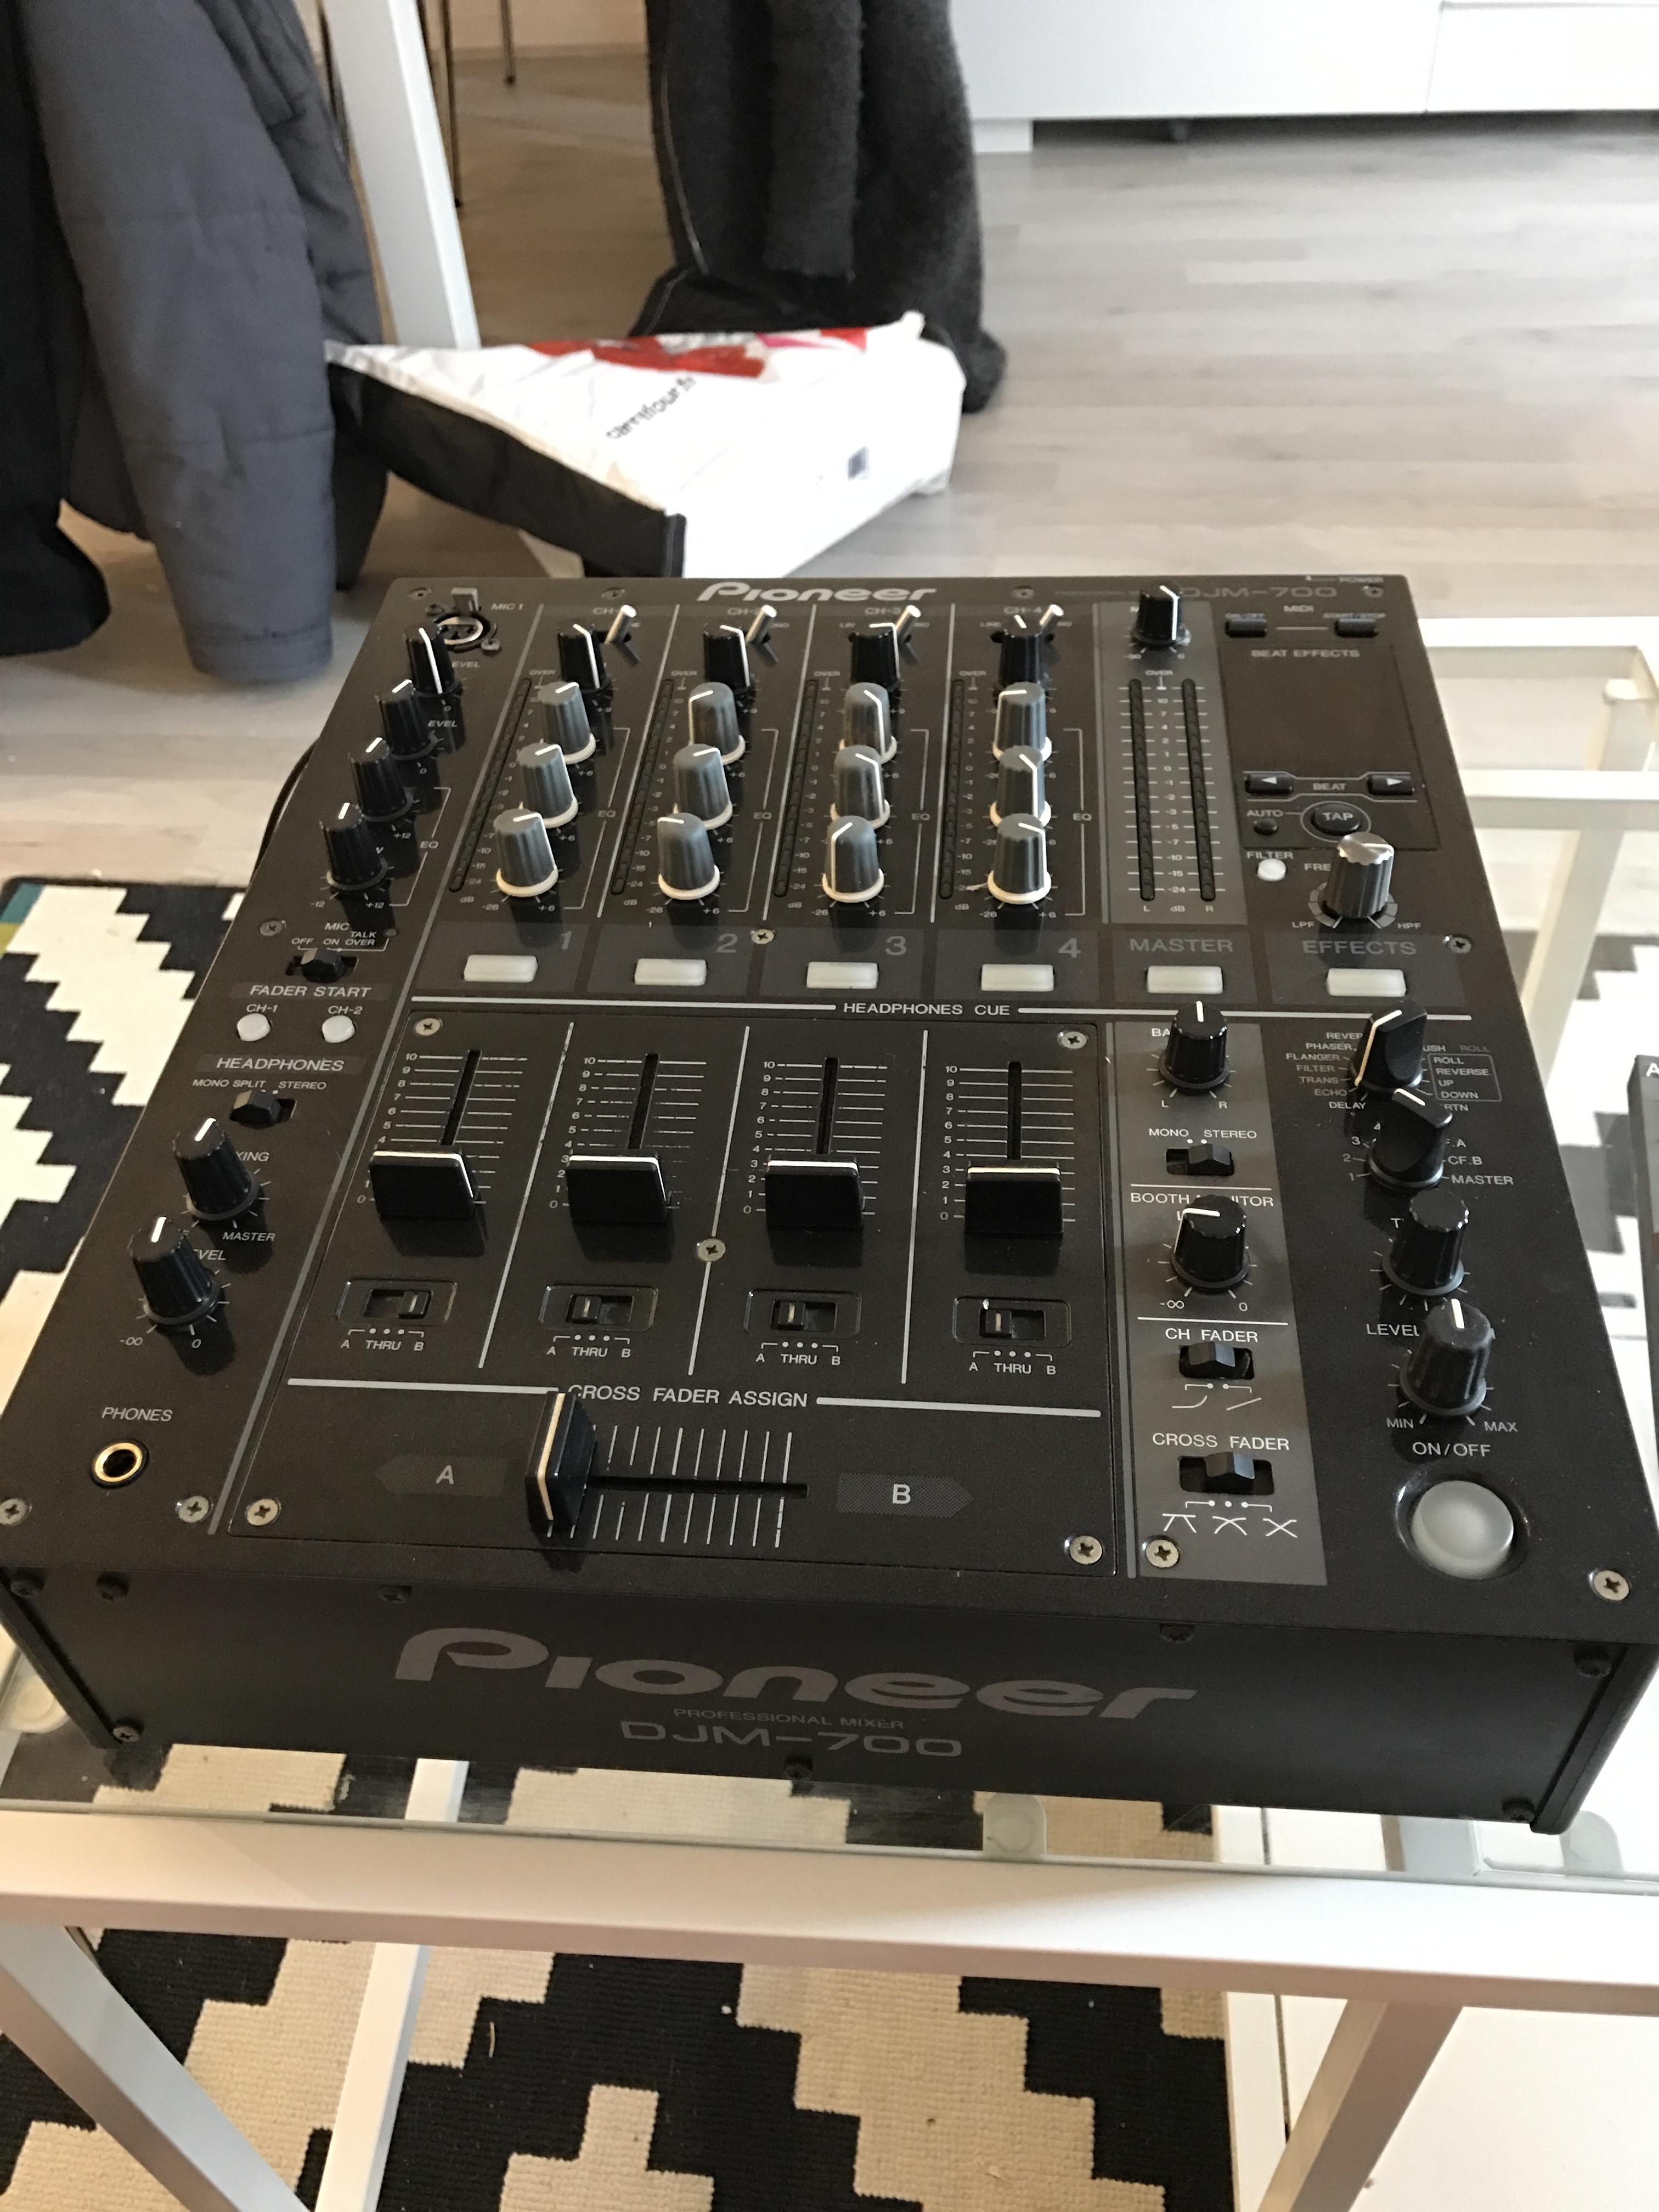 Vend table de mixage djm 700 k pioneer ile de france - Pioneer table de mixage ...